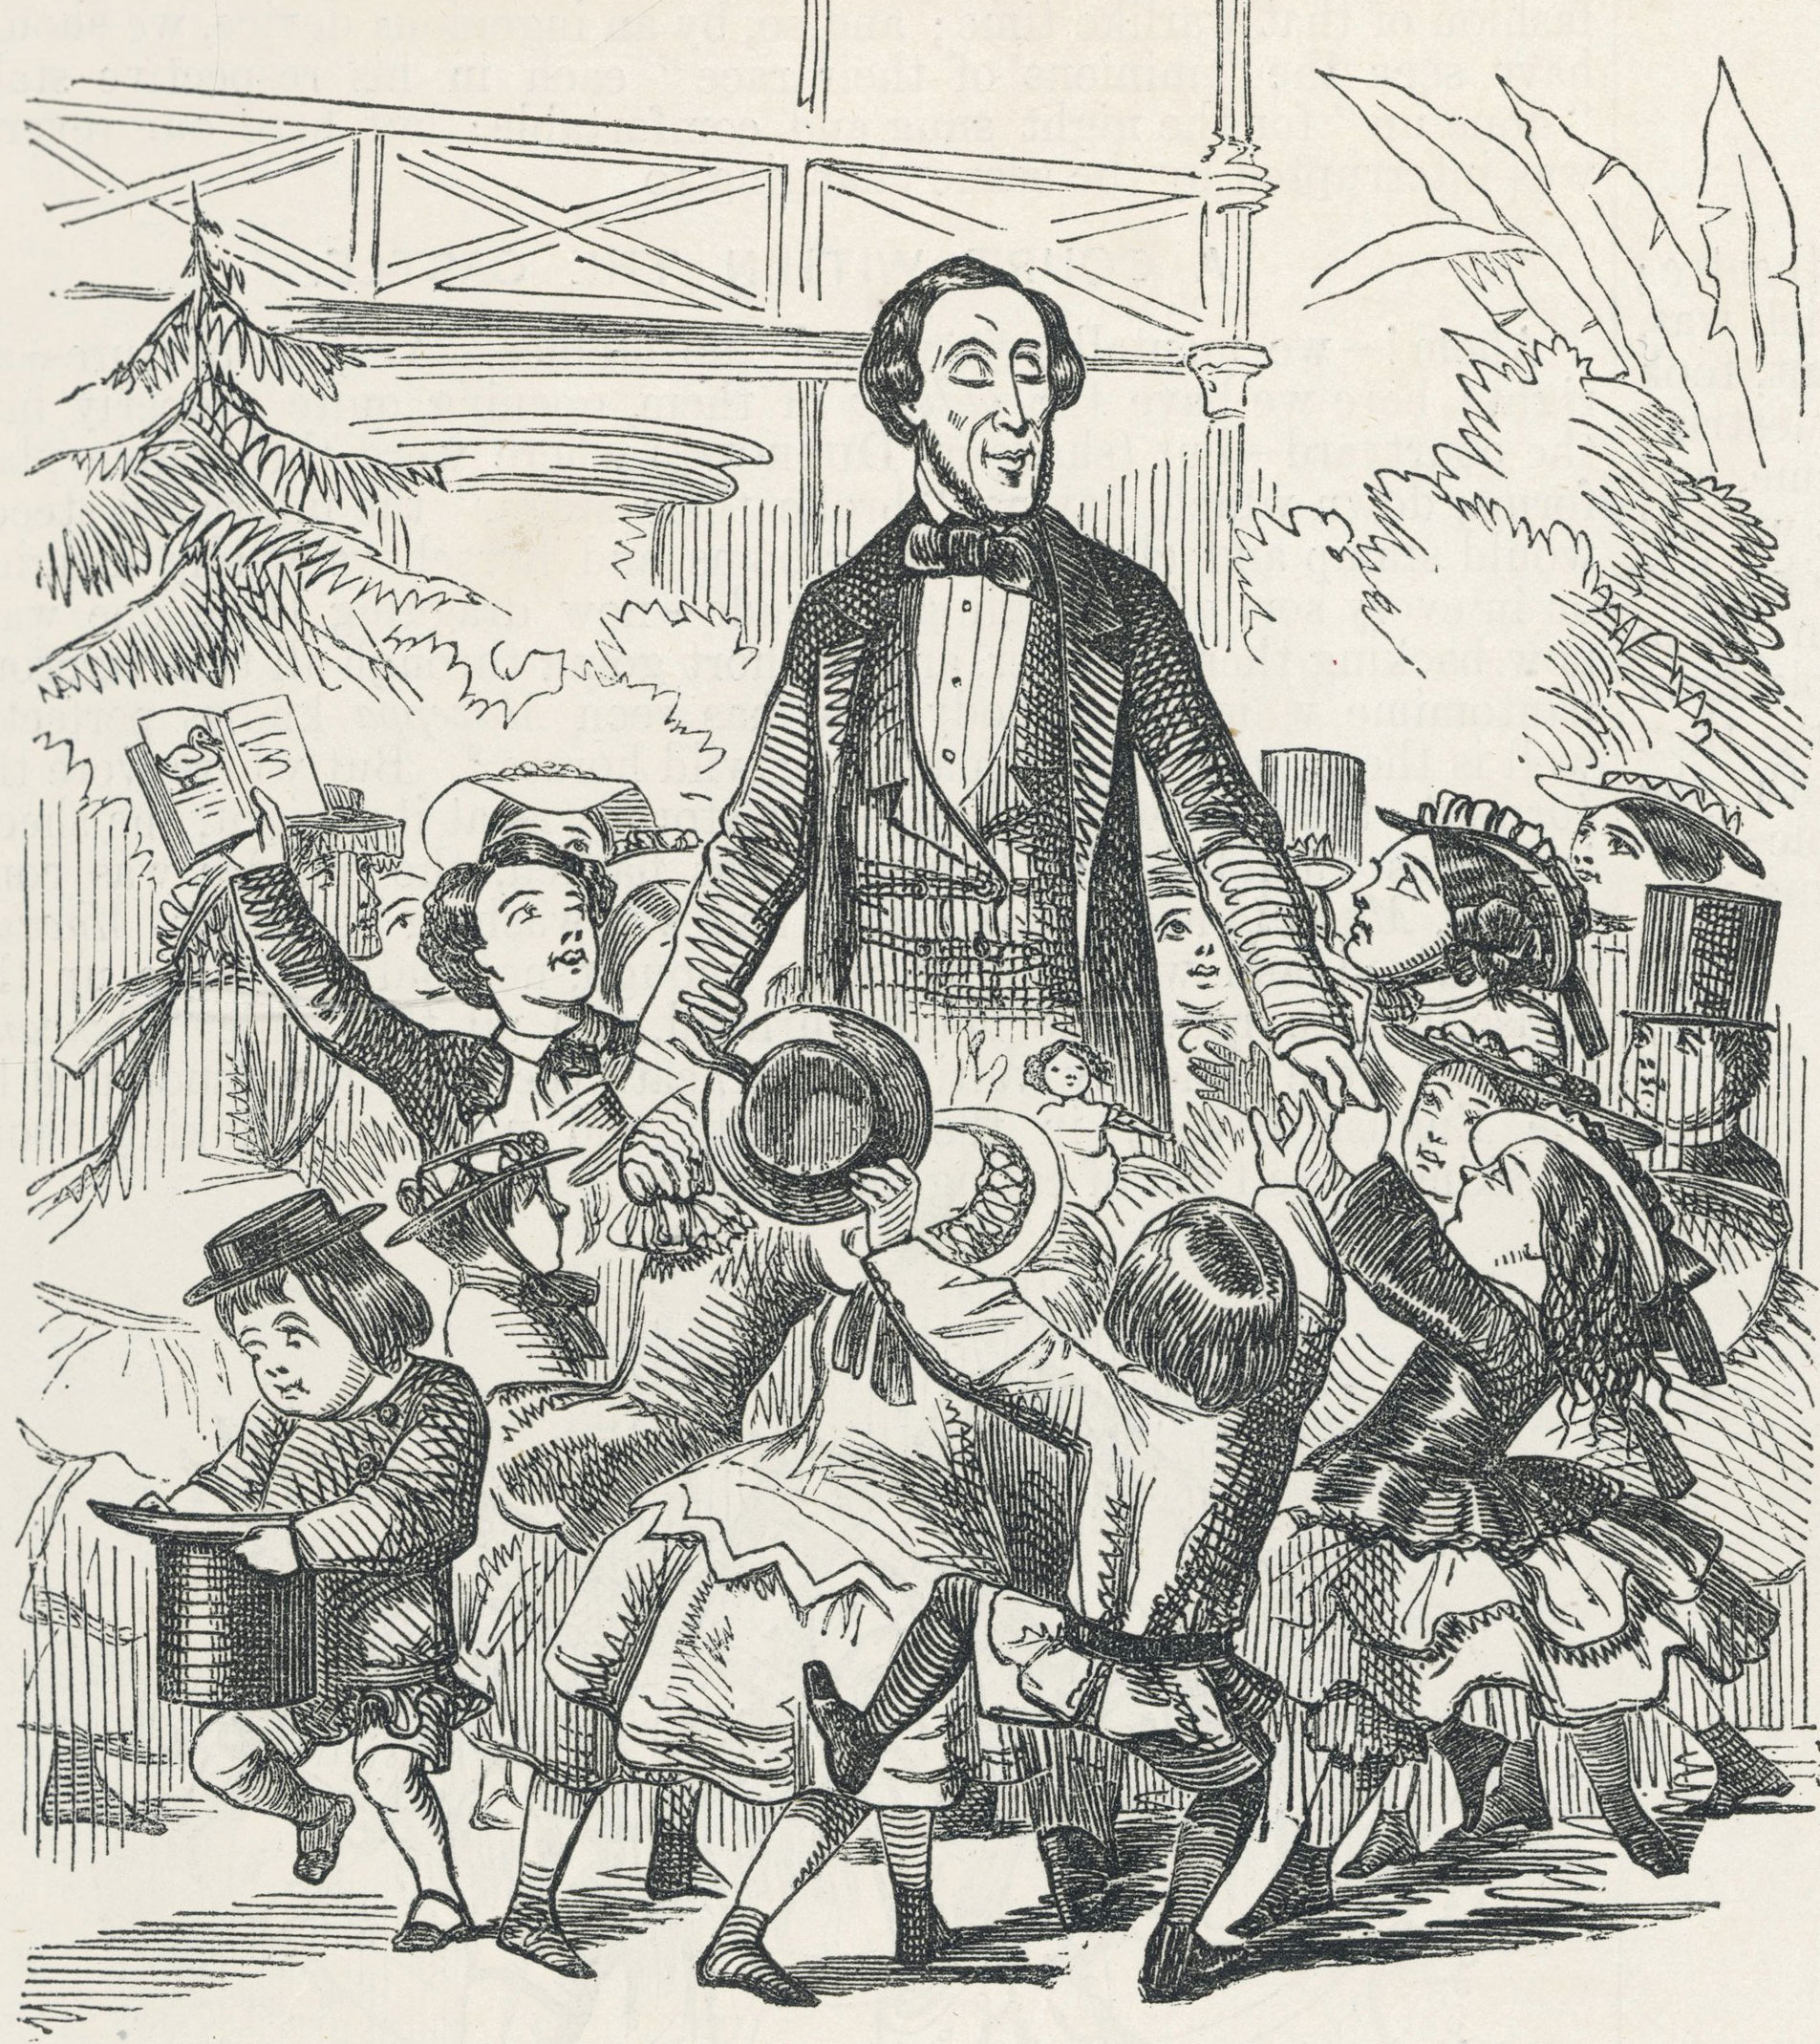 Рисунок в честь визита Ганса Христиана Андерсена в Лондон, 1857 год